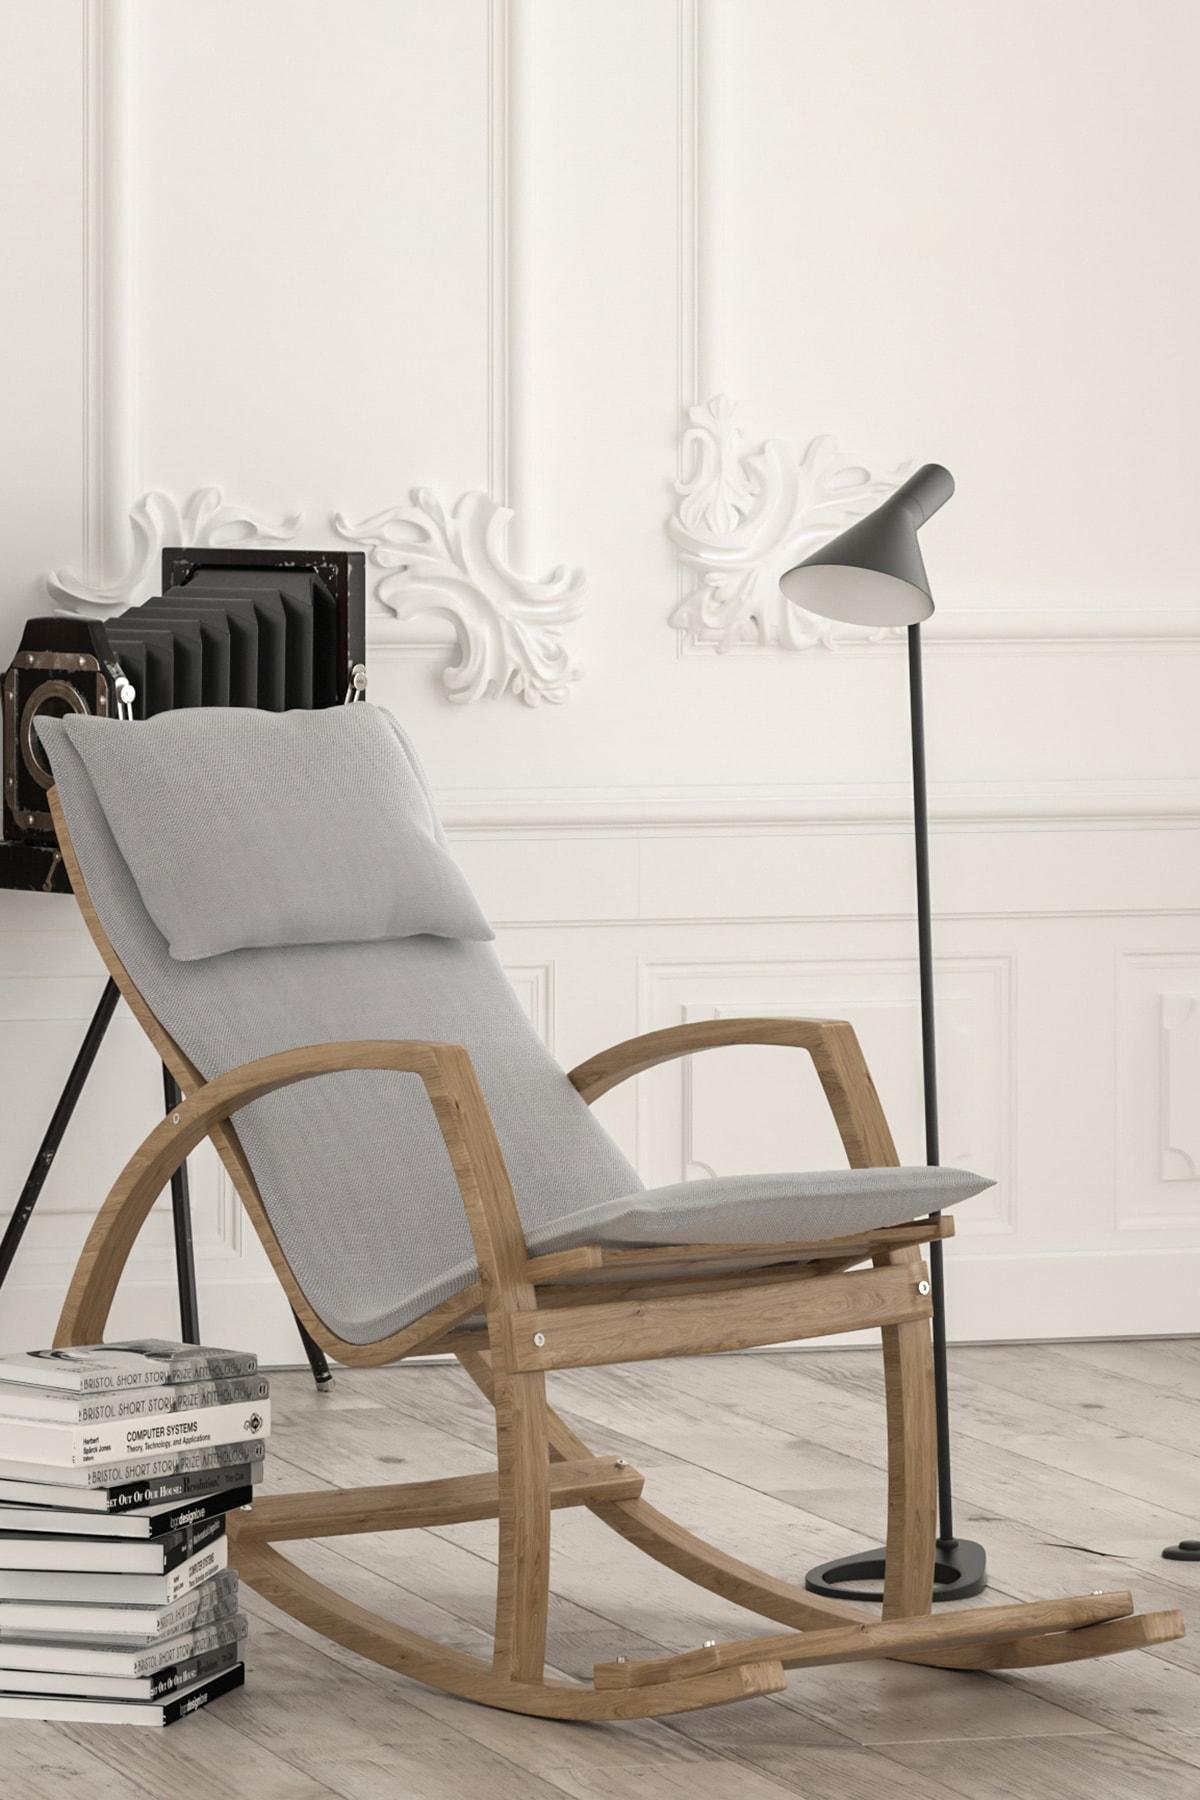 Mobildeco Ahsap Sallanan Sandalye Dinlenme Koltugu Gri Trendyol